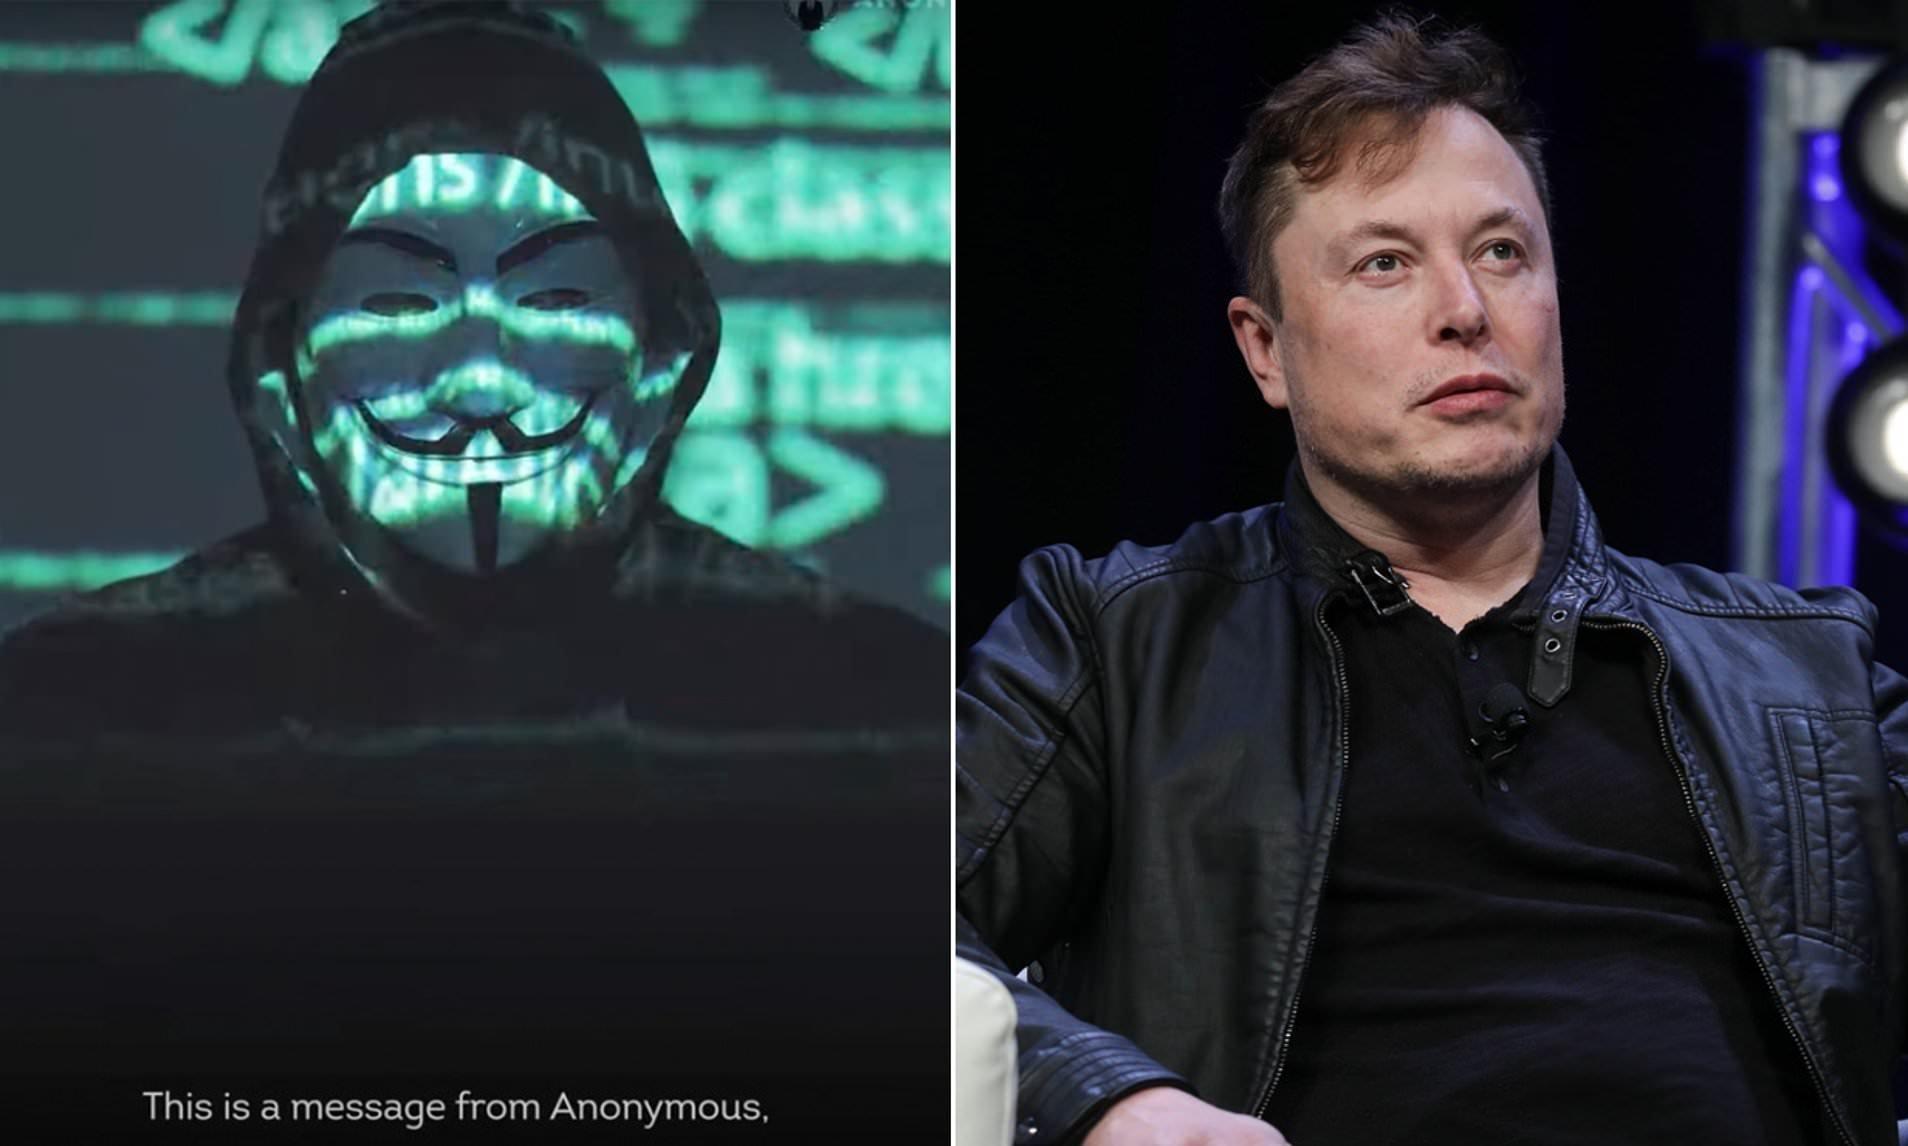 ویدیوی تهدیدآمیز هکرهای گروه Anonymous به ایلان ماسک [بروزرسانی]